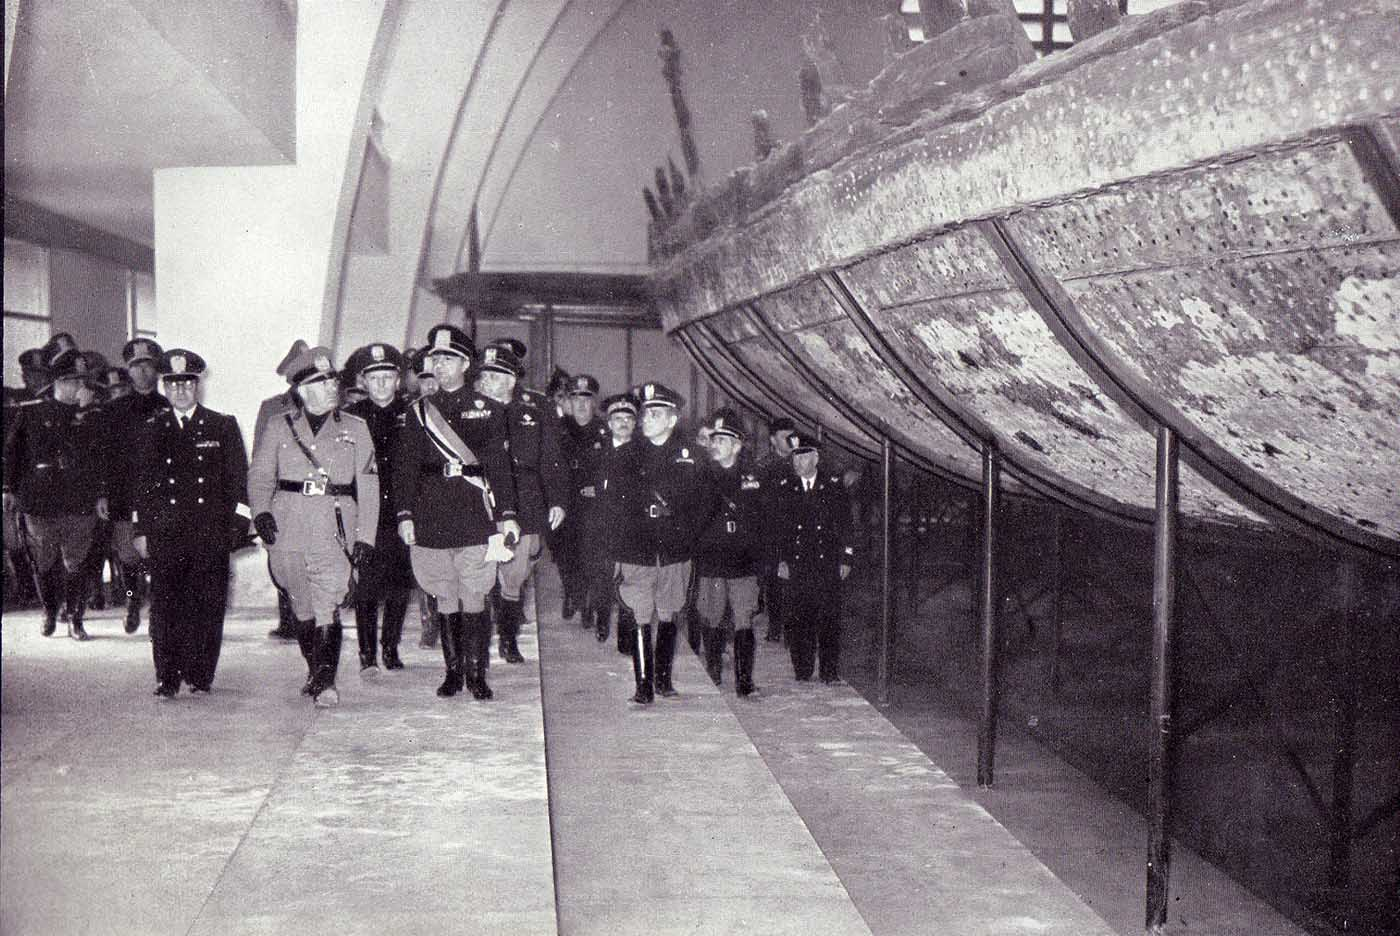 Benito Mussolini attending the inauguration of Museum of Nemi (Il Museo delle Navi Romane).